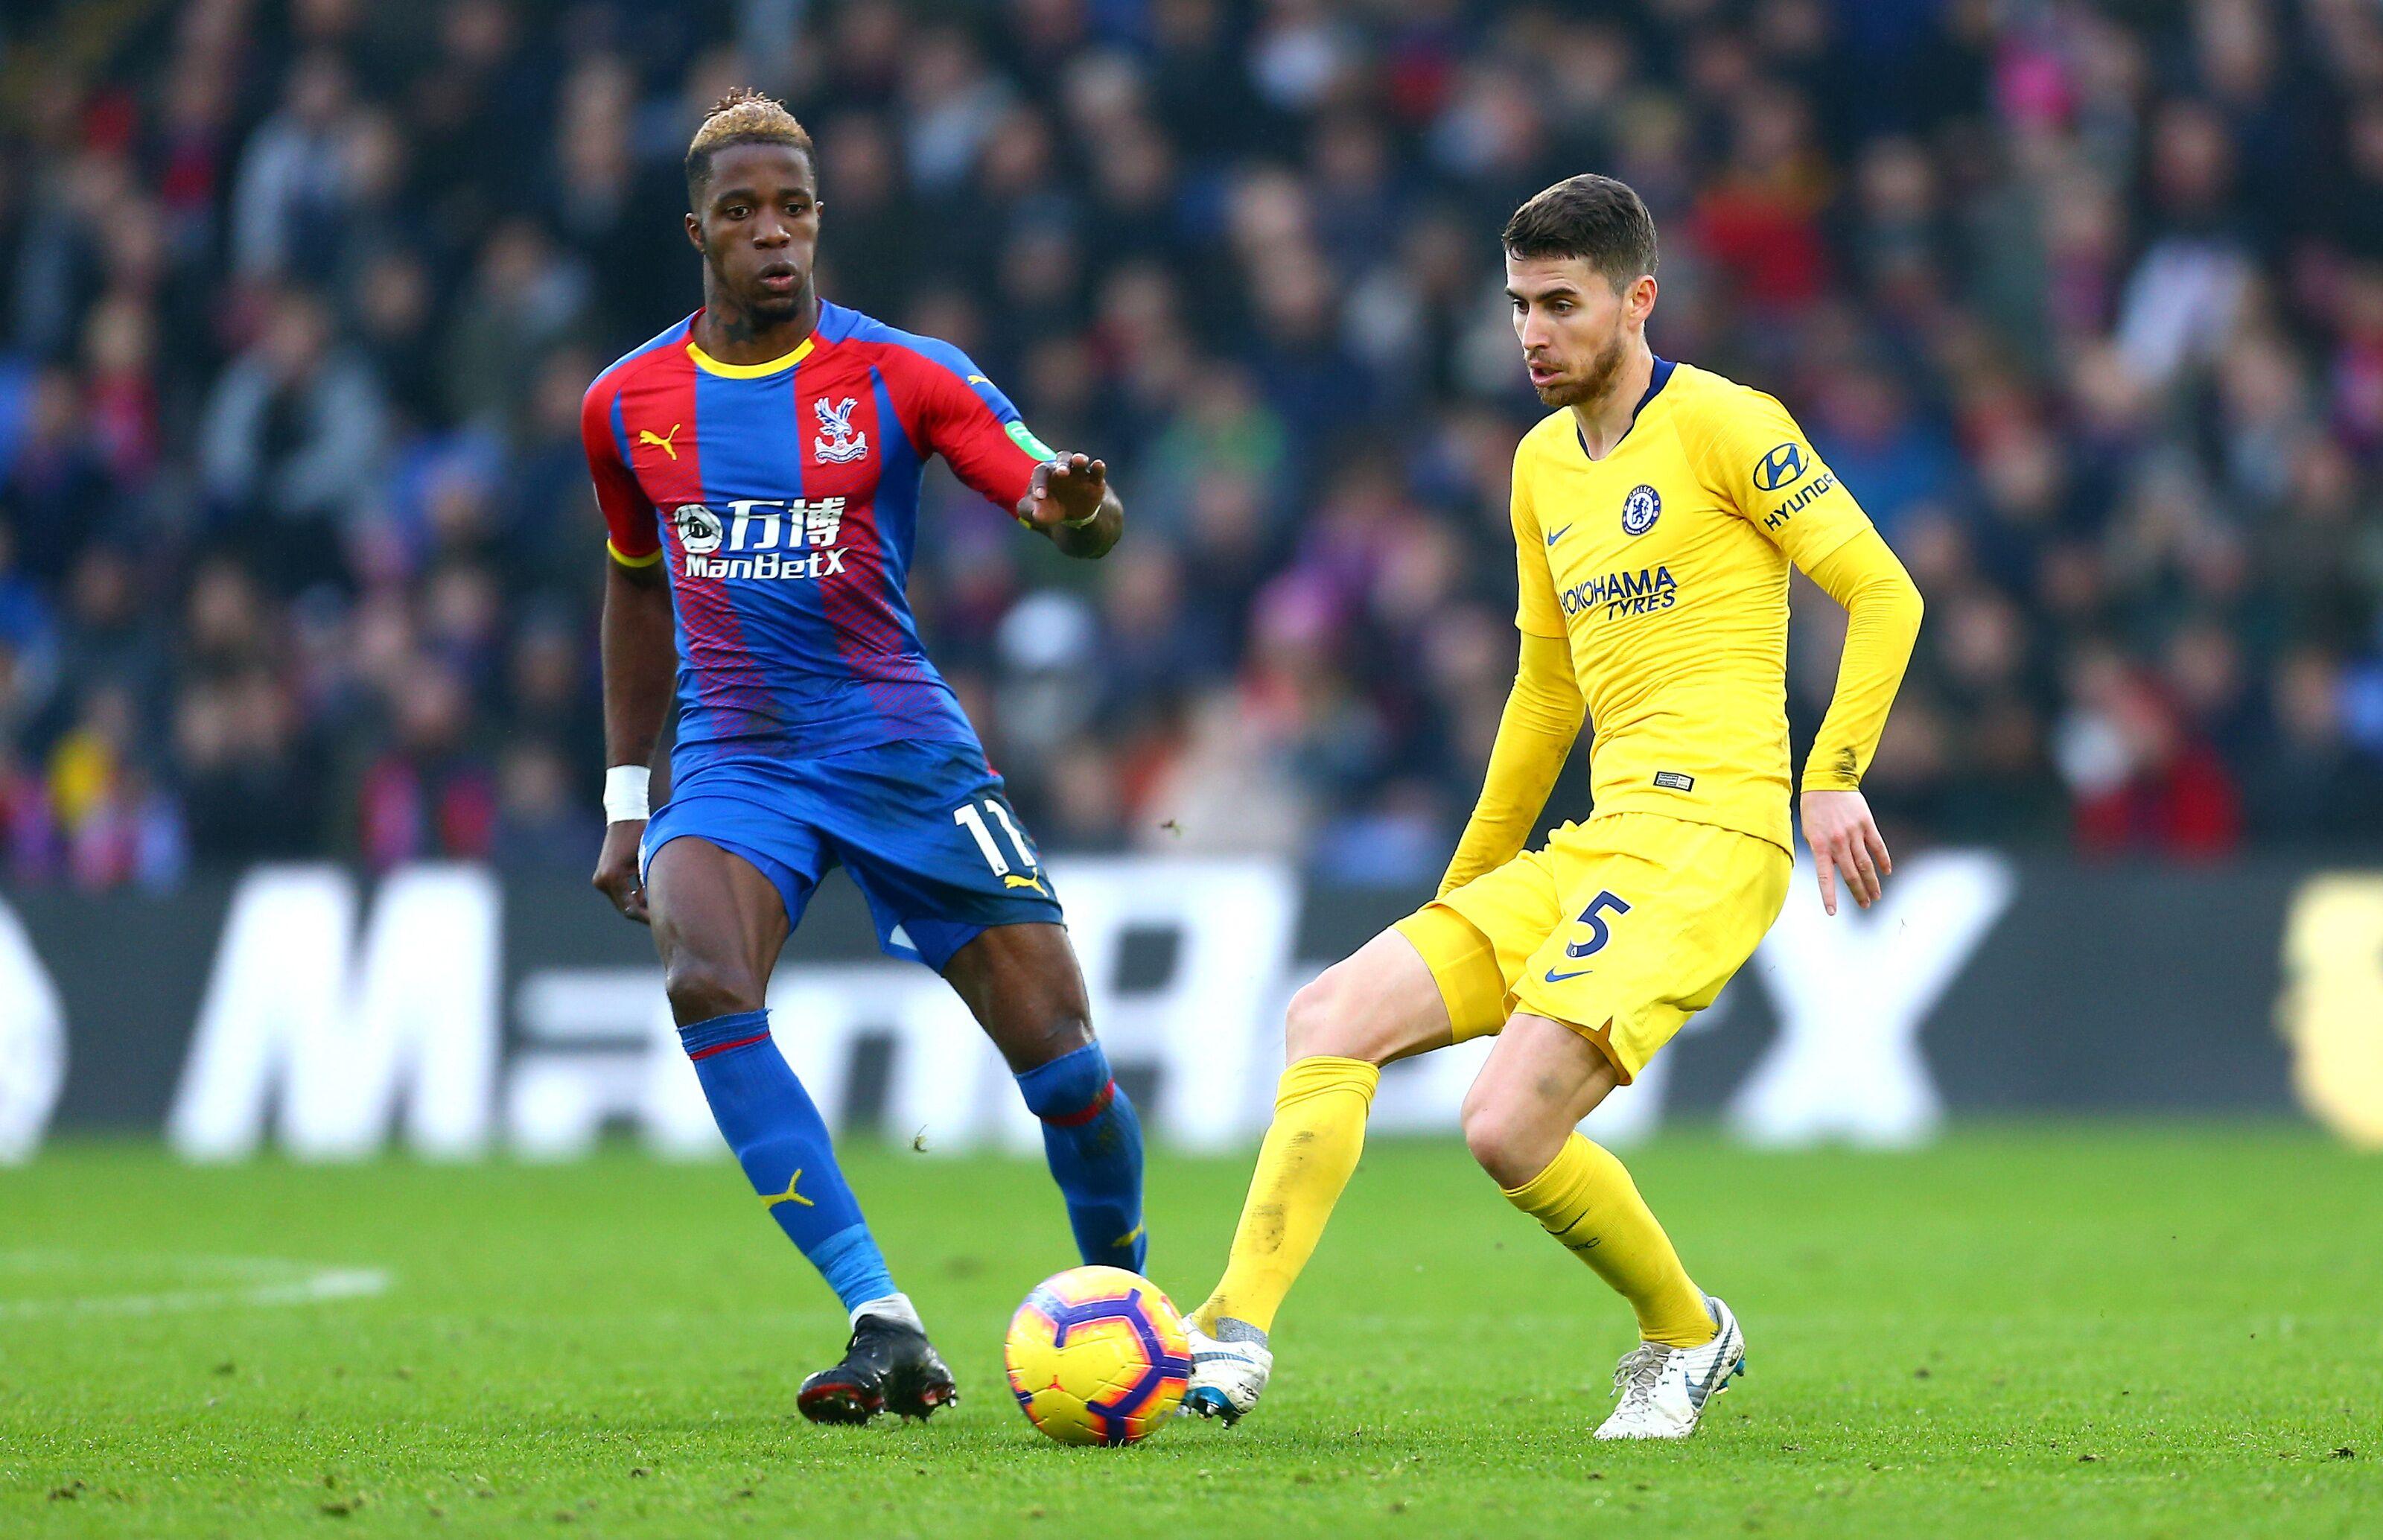 Chelsea could turn Jorginho into a productive No. 10 once Maurizio Sarri leaves